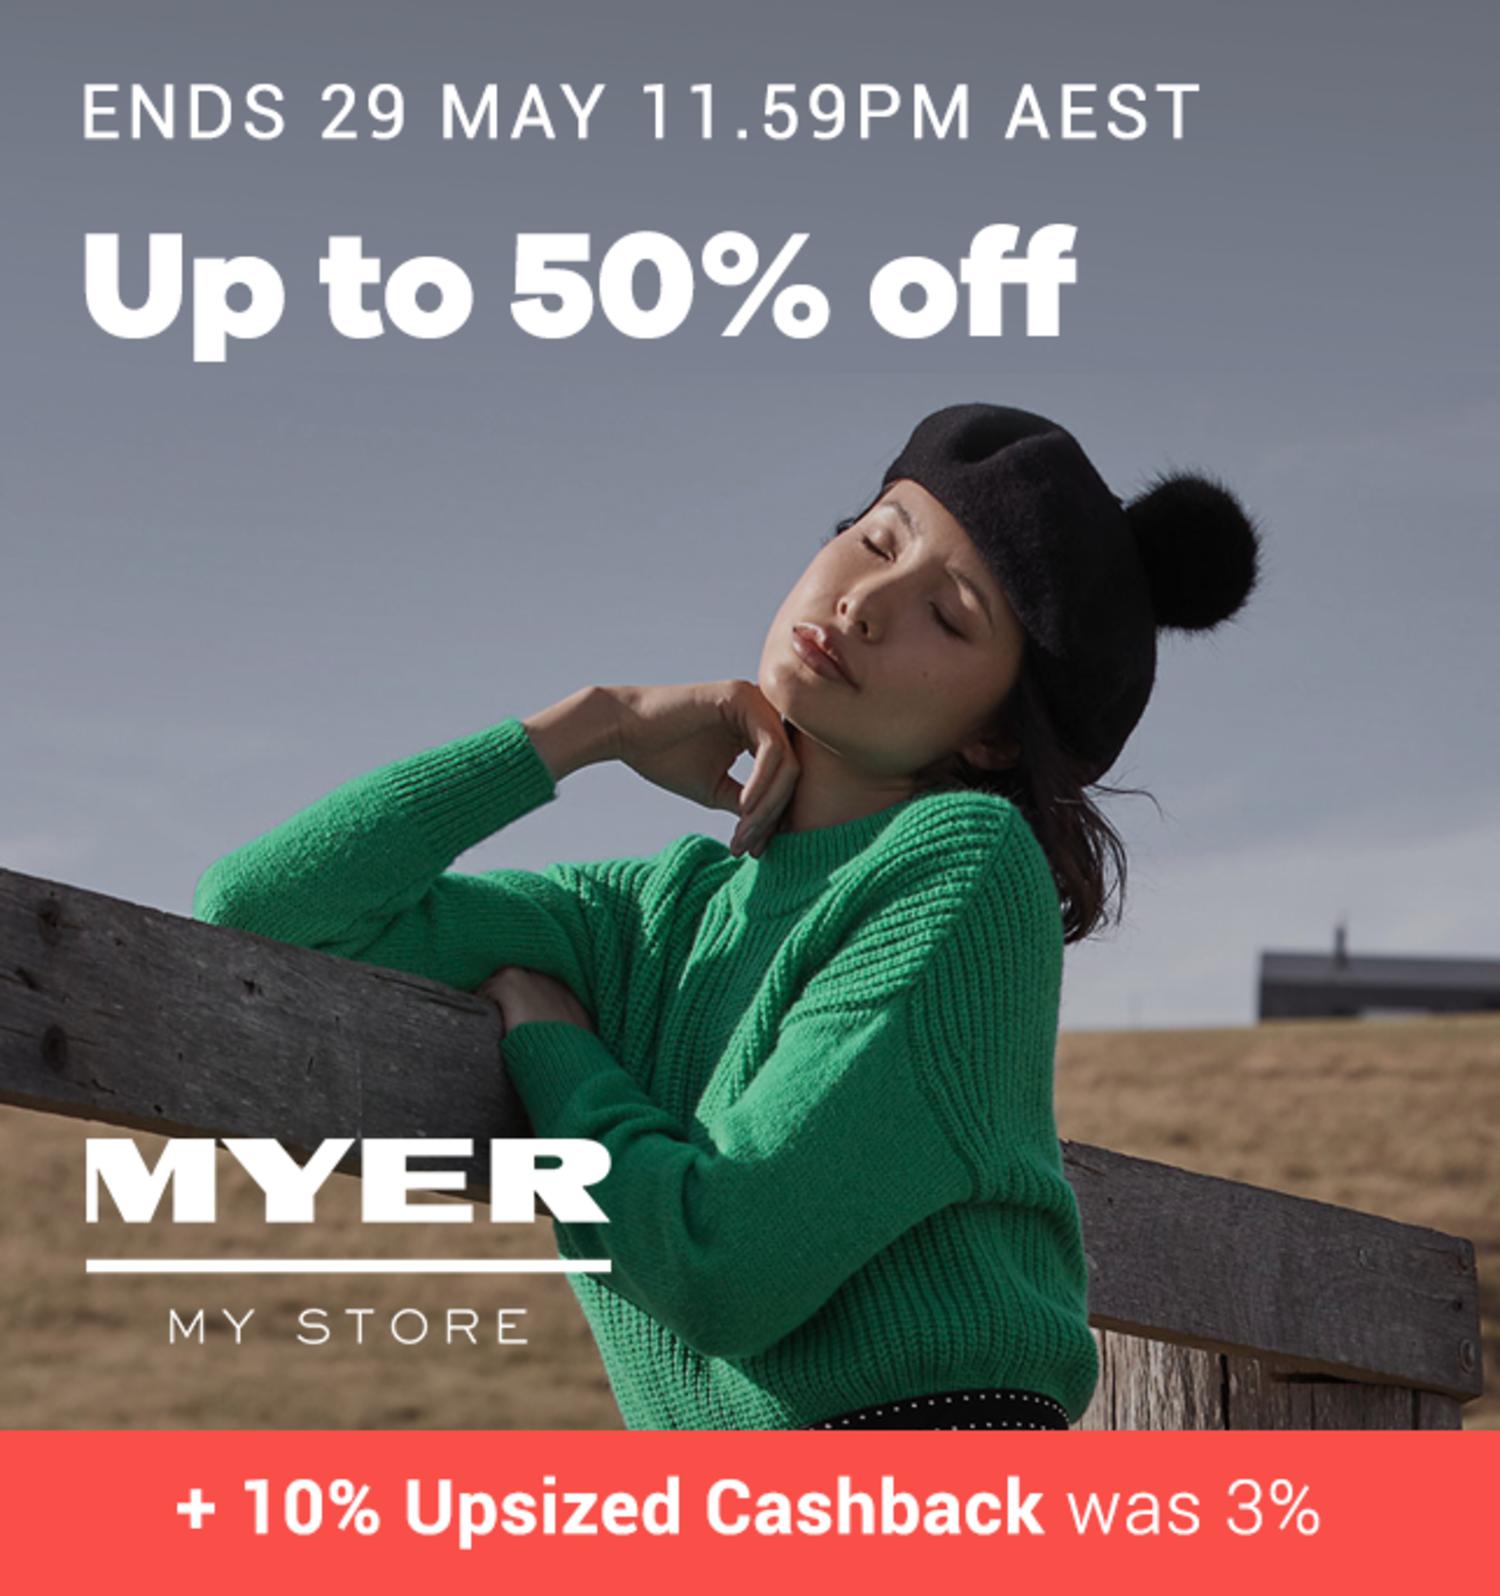 Myer - 10% Upsized Cashback (May 2019)